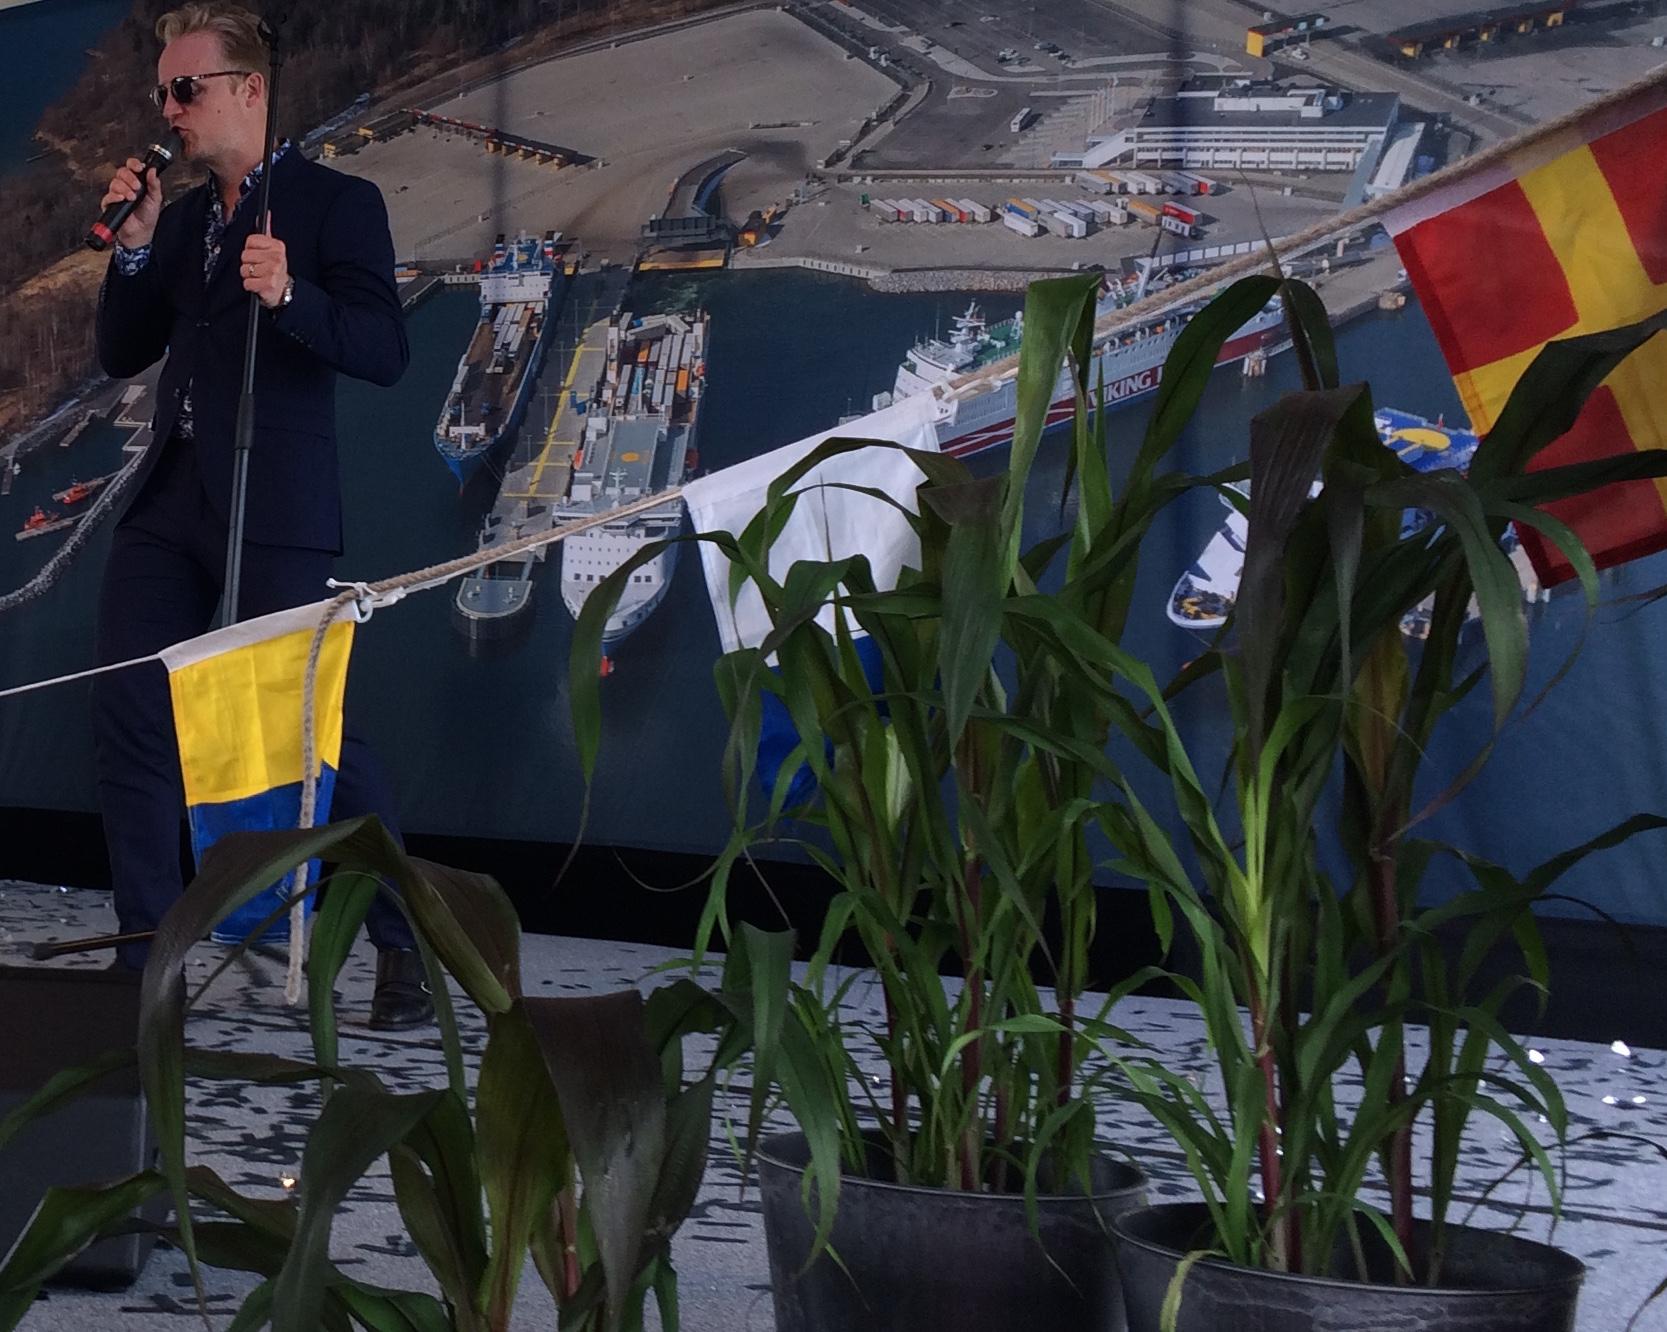 Scenen Andreas.JPG